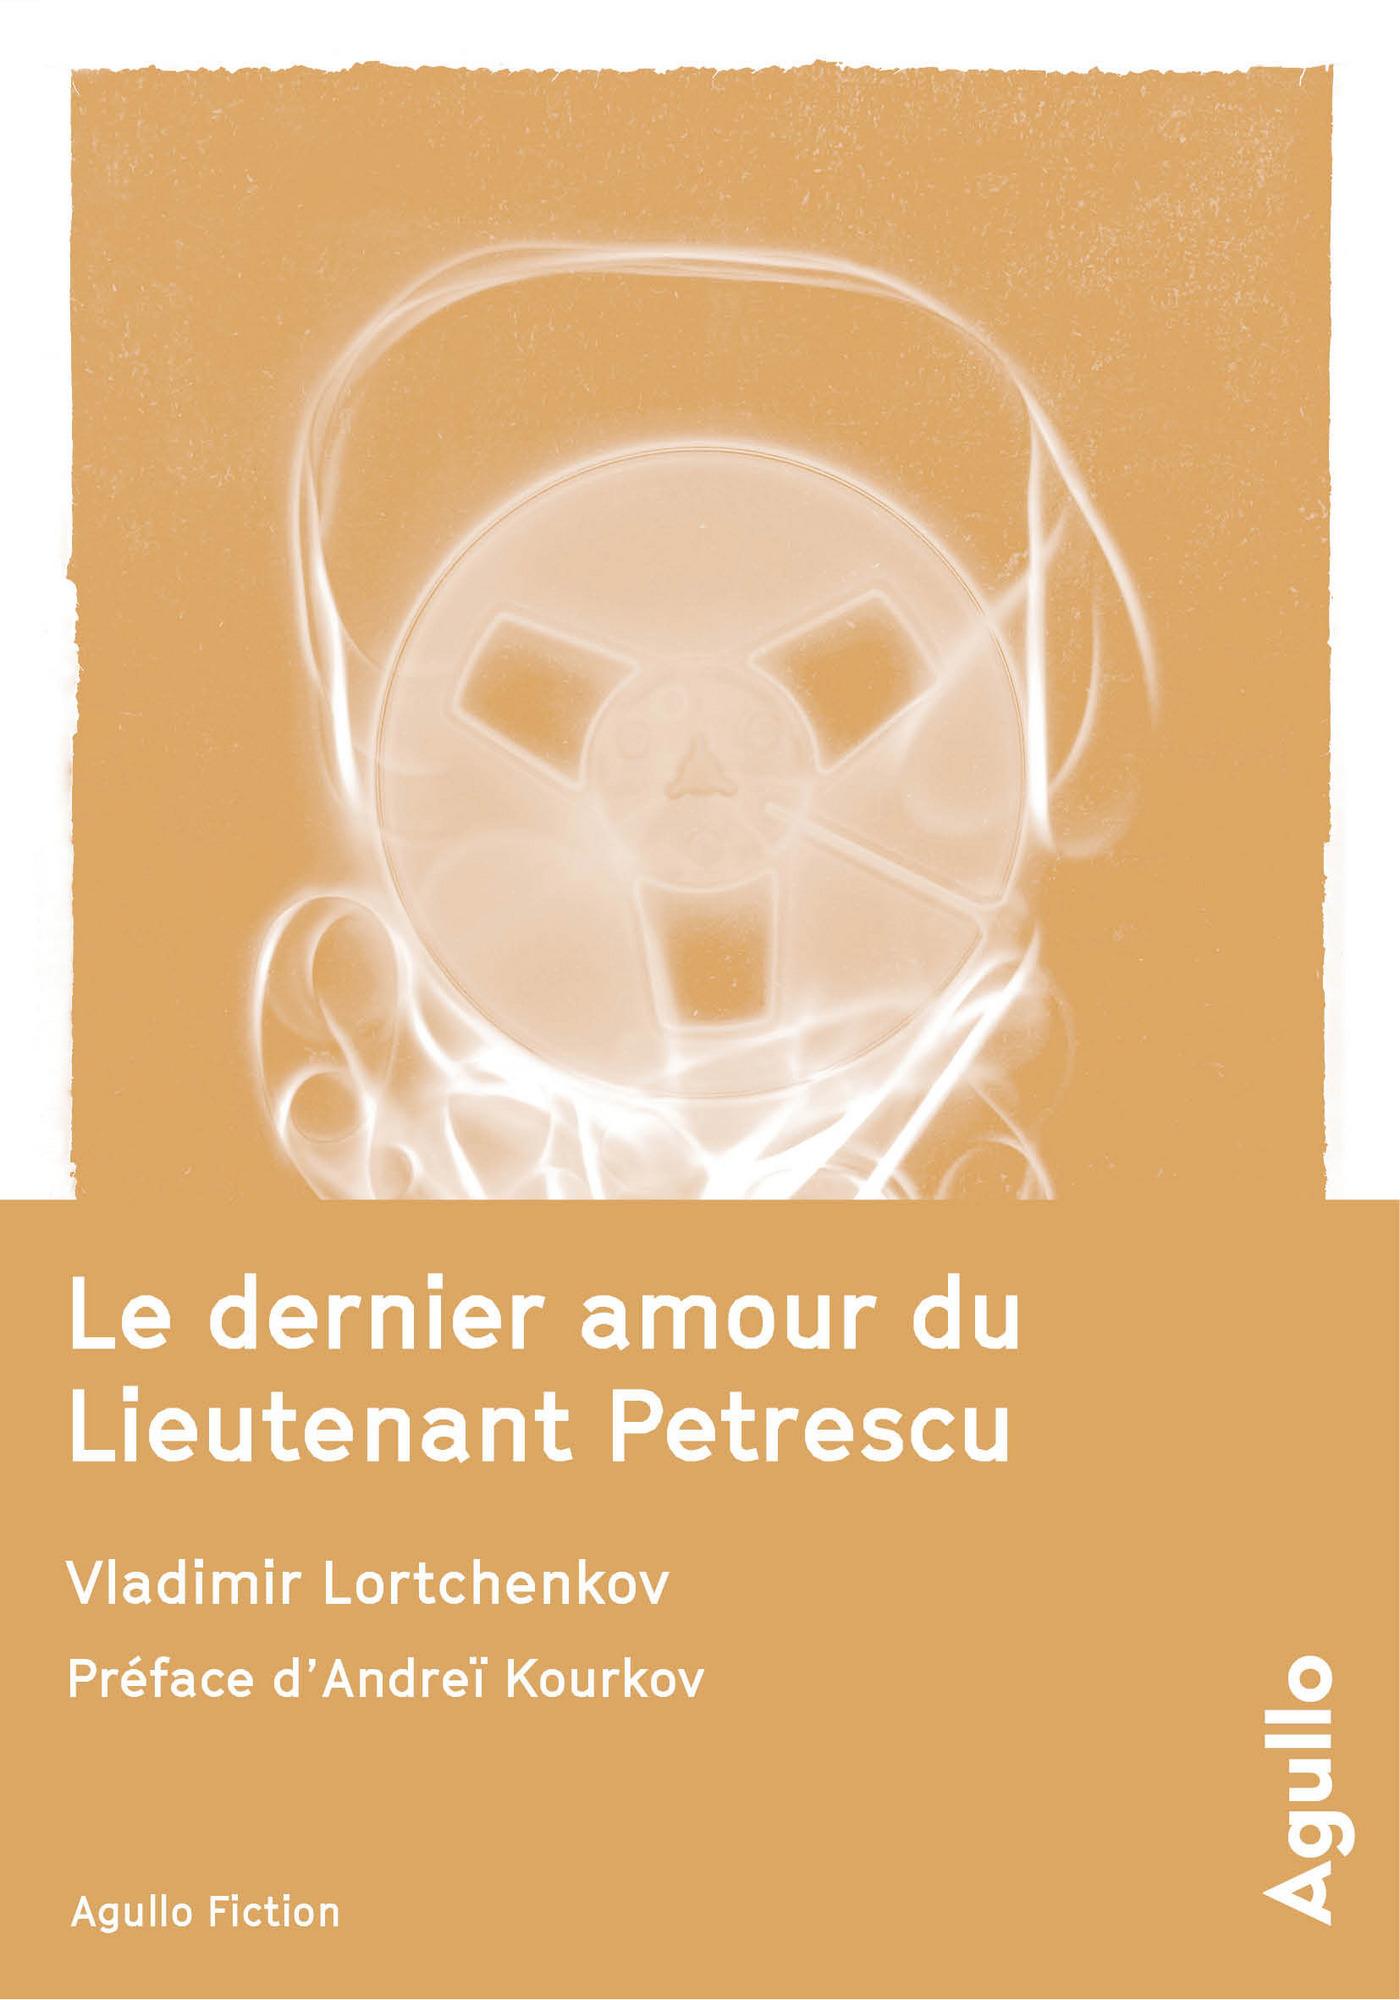 Le dernier amour du Lieutenant Petrescu